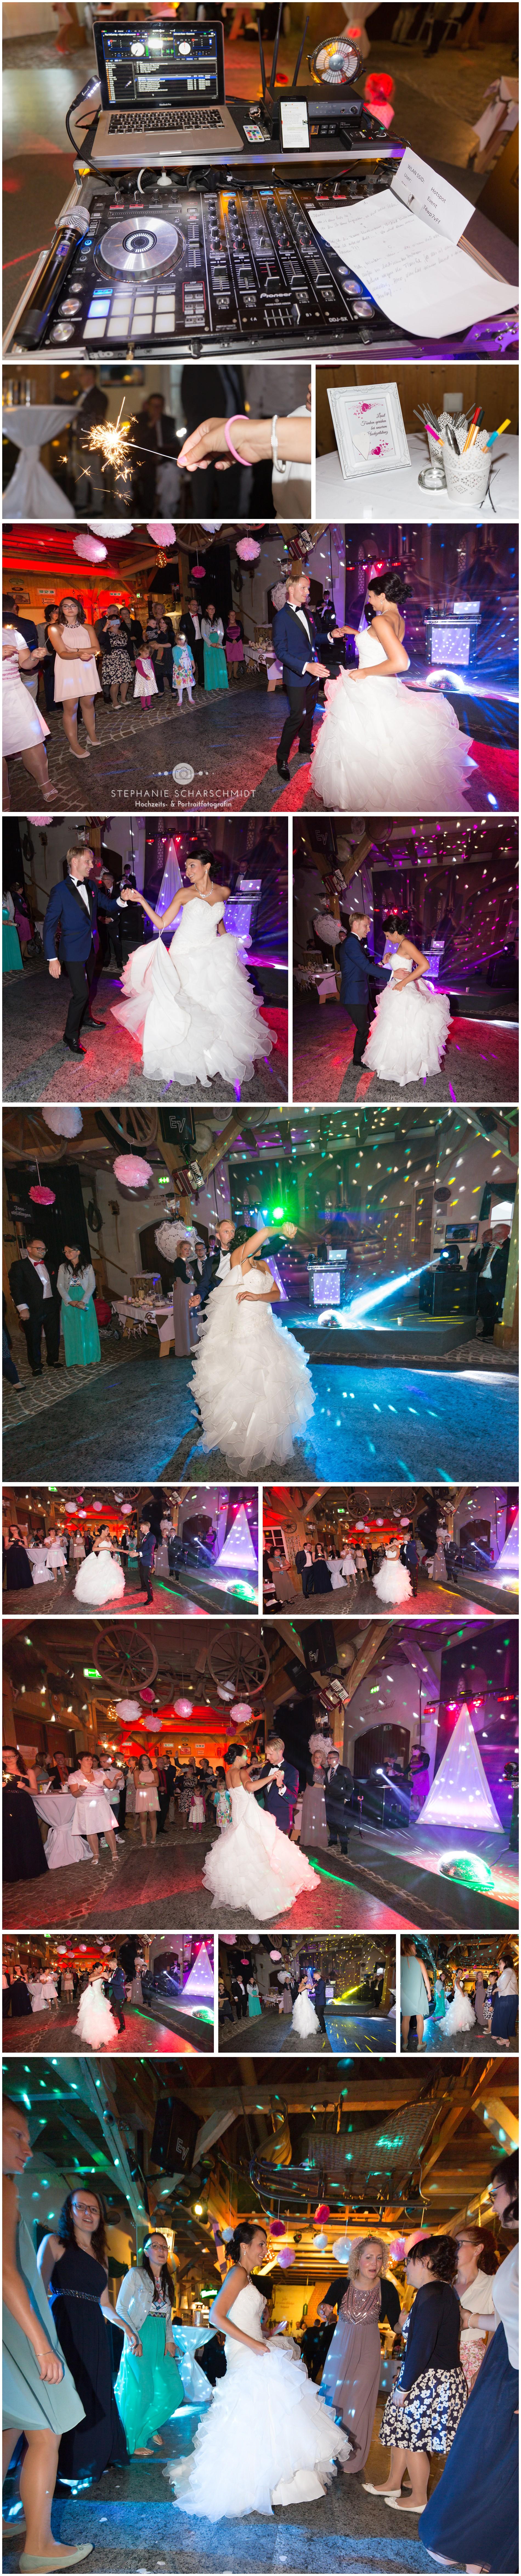 Hochzeitstantz auf Hochzeit Saustall Wernesgrün  - Hochzeitsfotograf Stephanie Scharschmidt